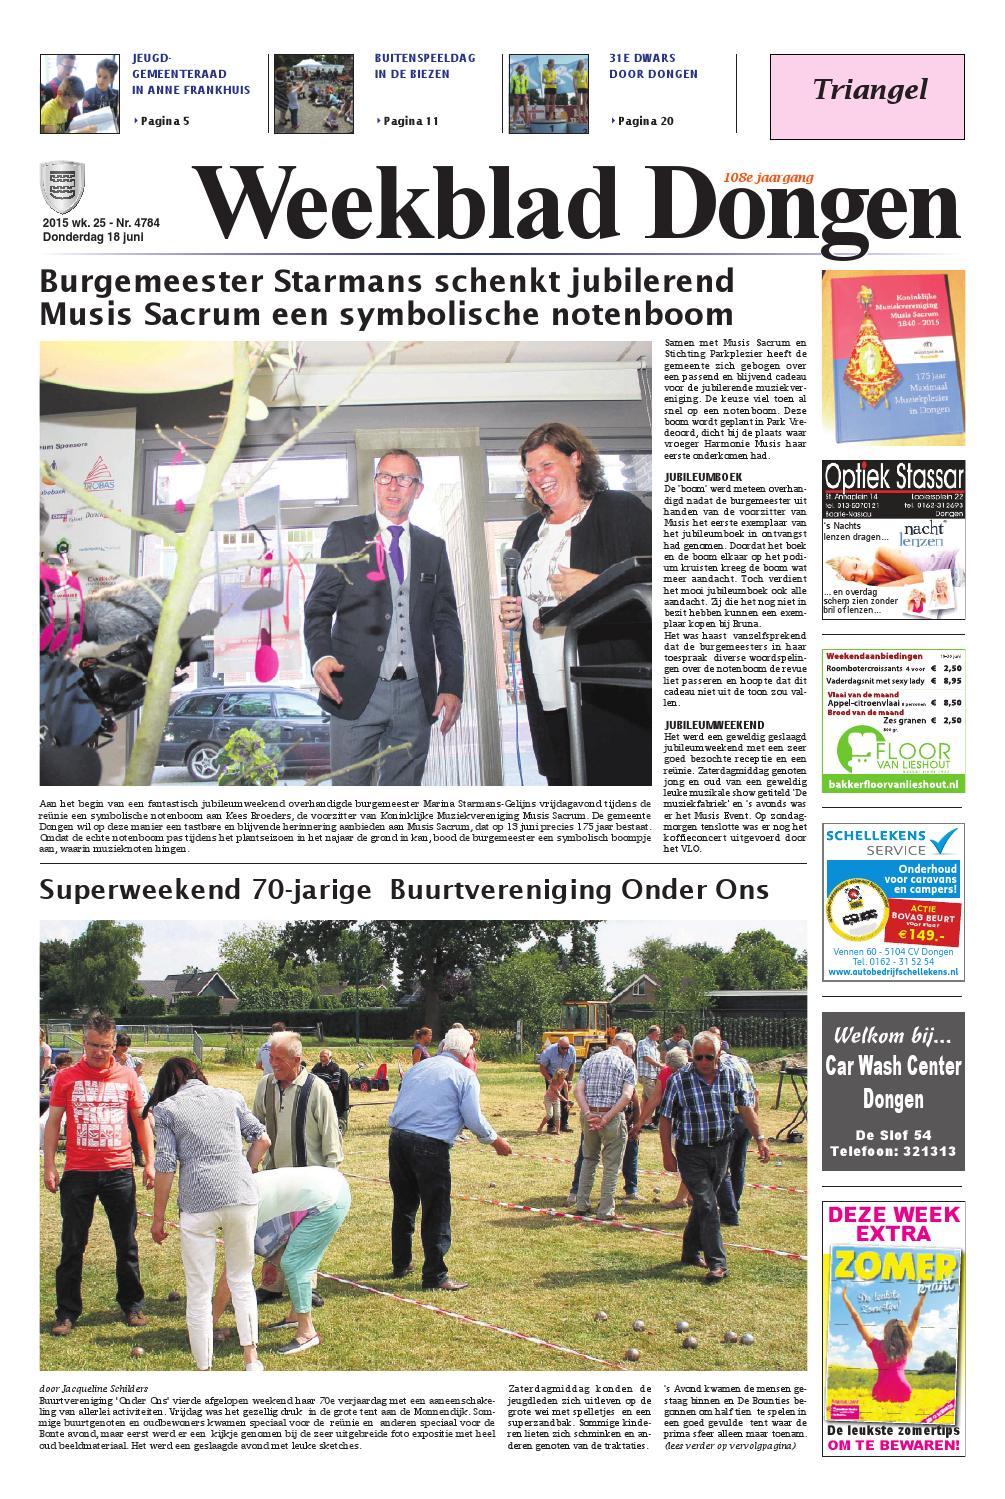 Weekblad Dongen 18 06 2015 By Uitgeverij Em De Jong Issuu